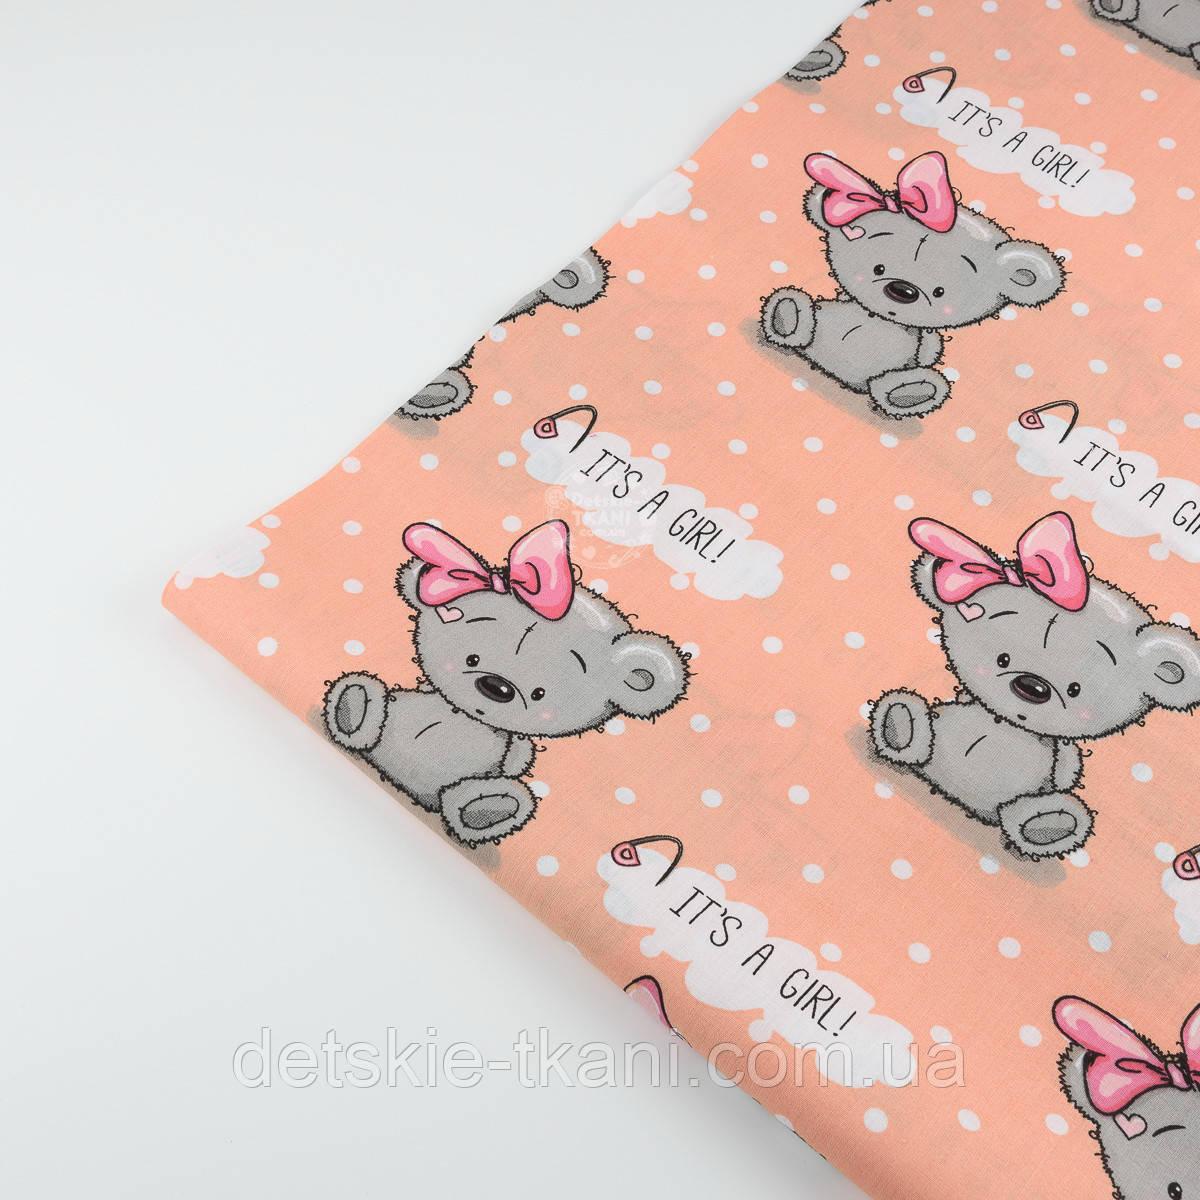 """Лоскут ткани №1149а  """"Мишки Girl с малиновым бантиком"""" на персиковом фоне"""